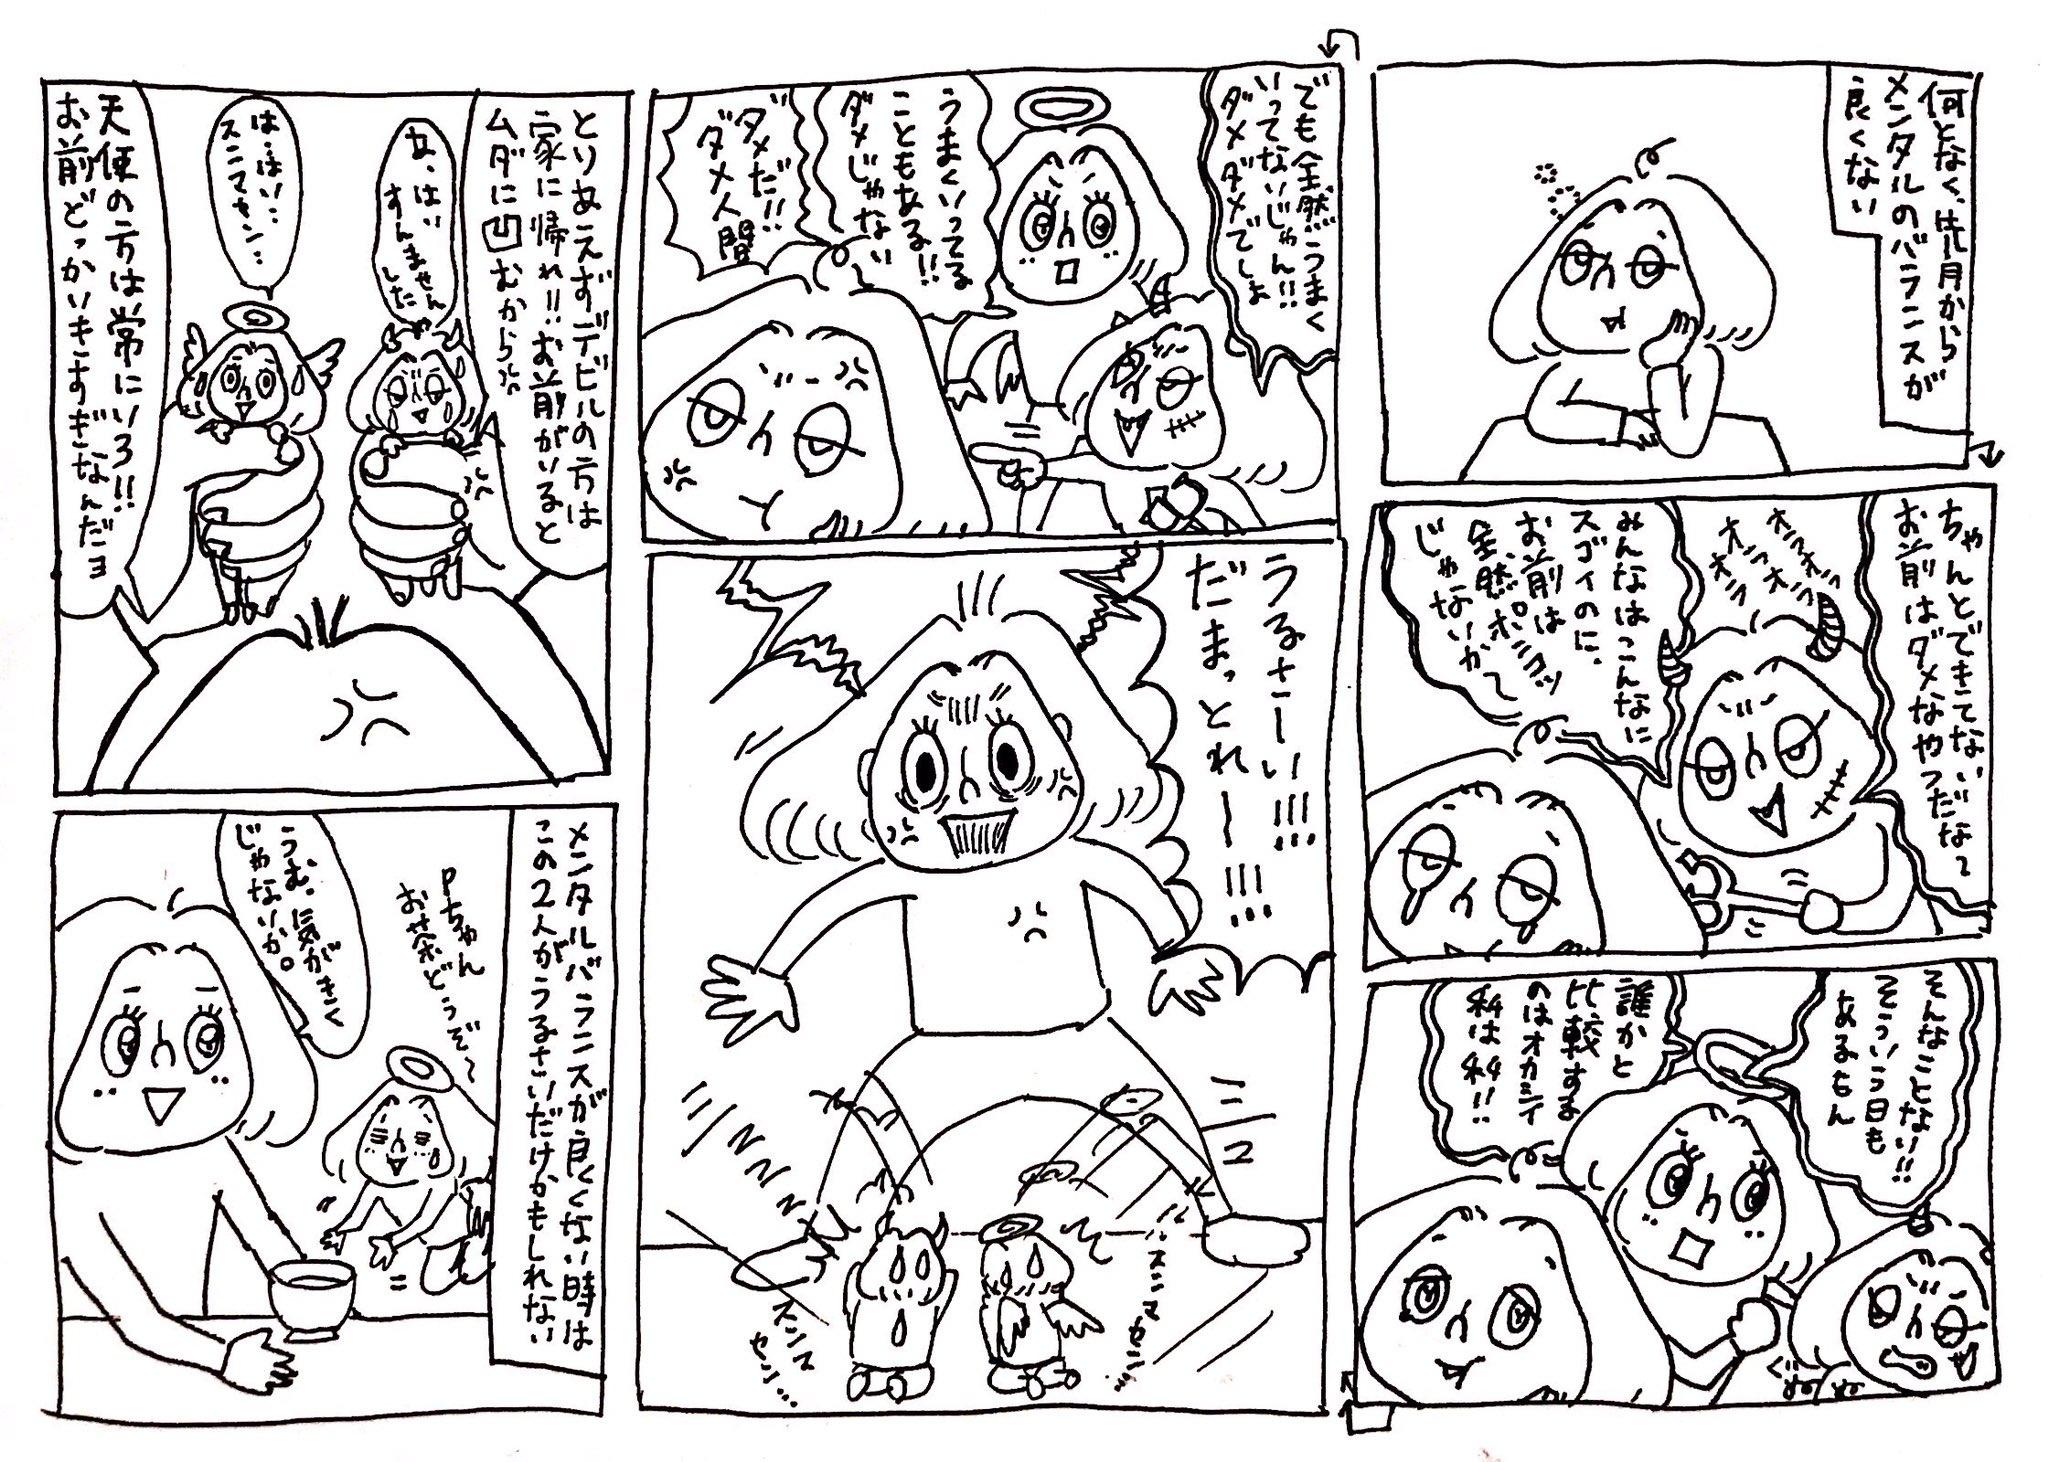 Twitterに投稿しているPちゃんの日常4コマ漫画まとめ3<全13話>落ち込むことだってある